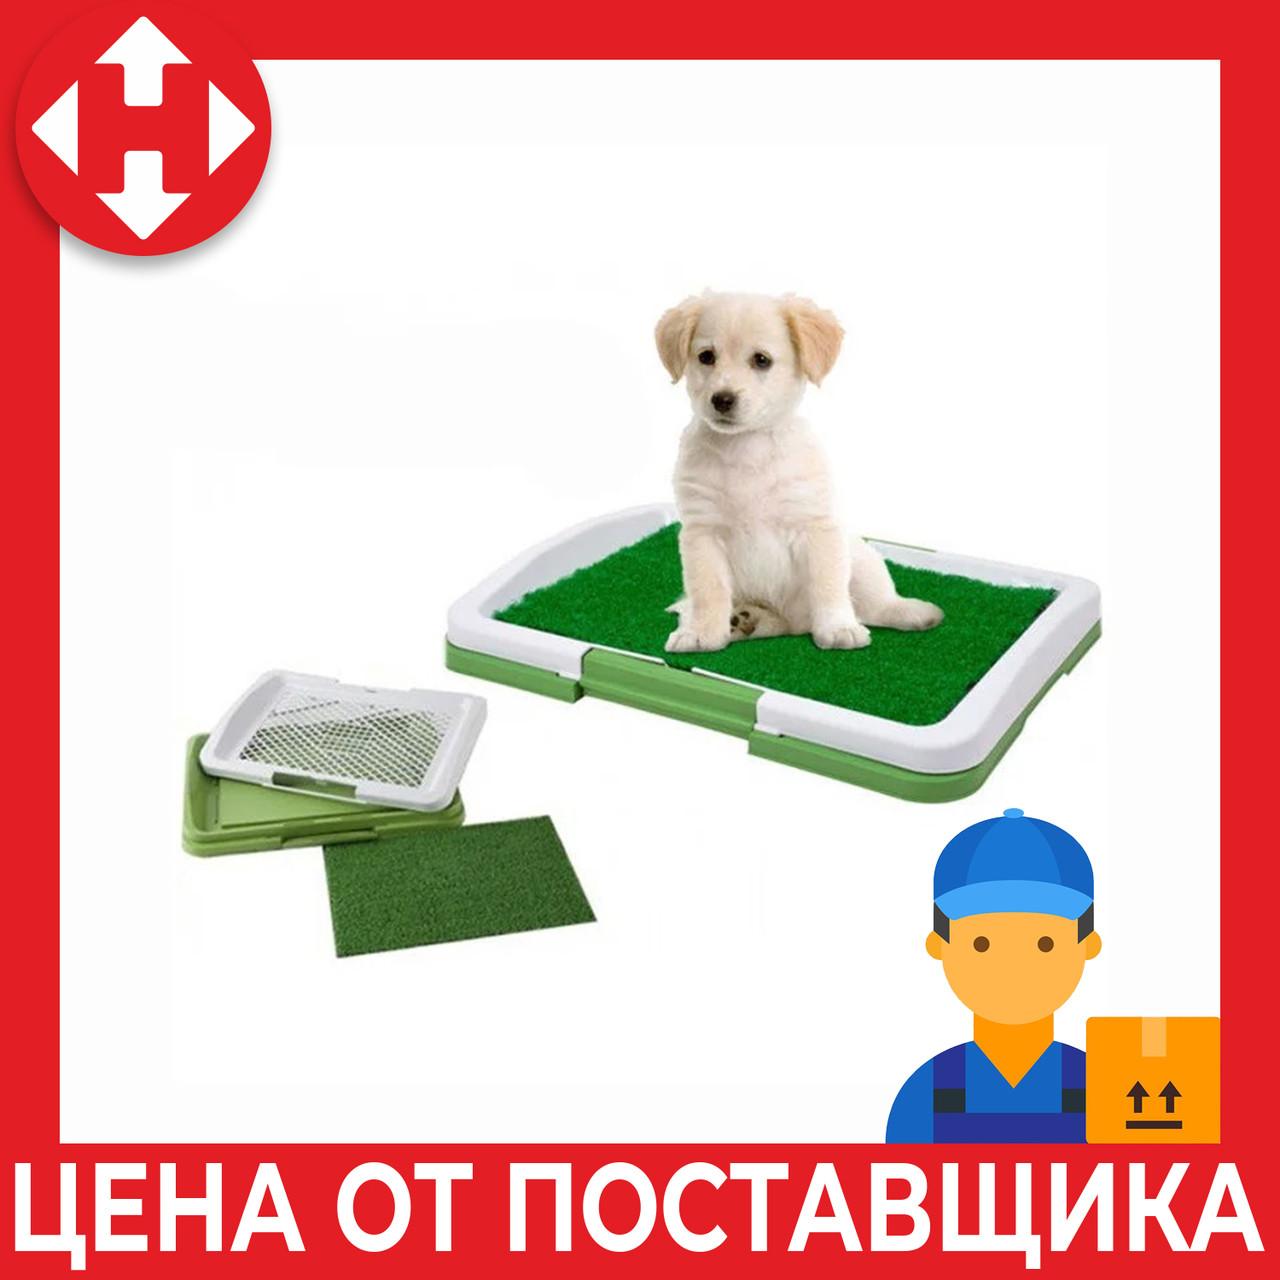 Лоток для собак с травой Puppy Potty Trainer Pad зелёный туалет для собак с доставкой по Киеву и Украине